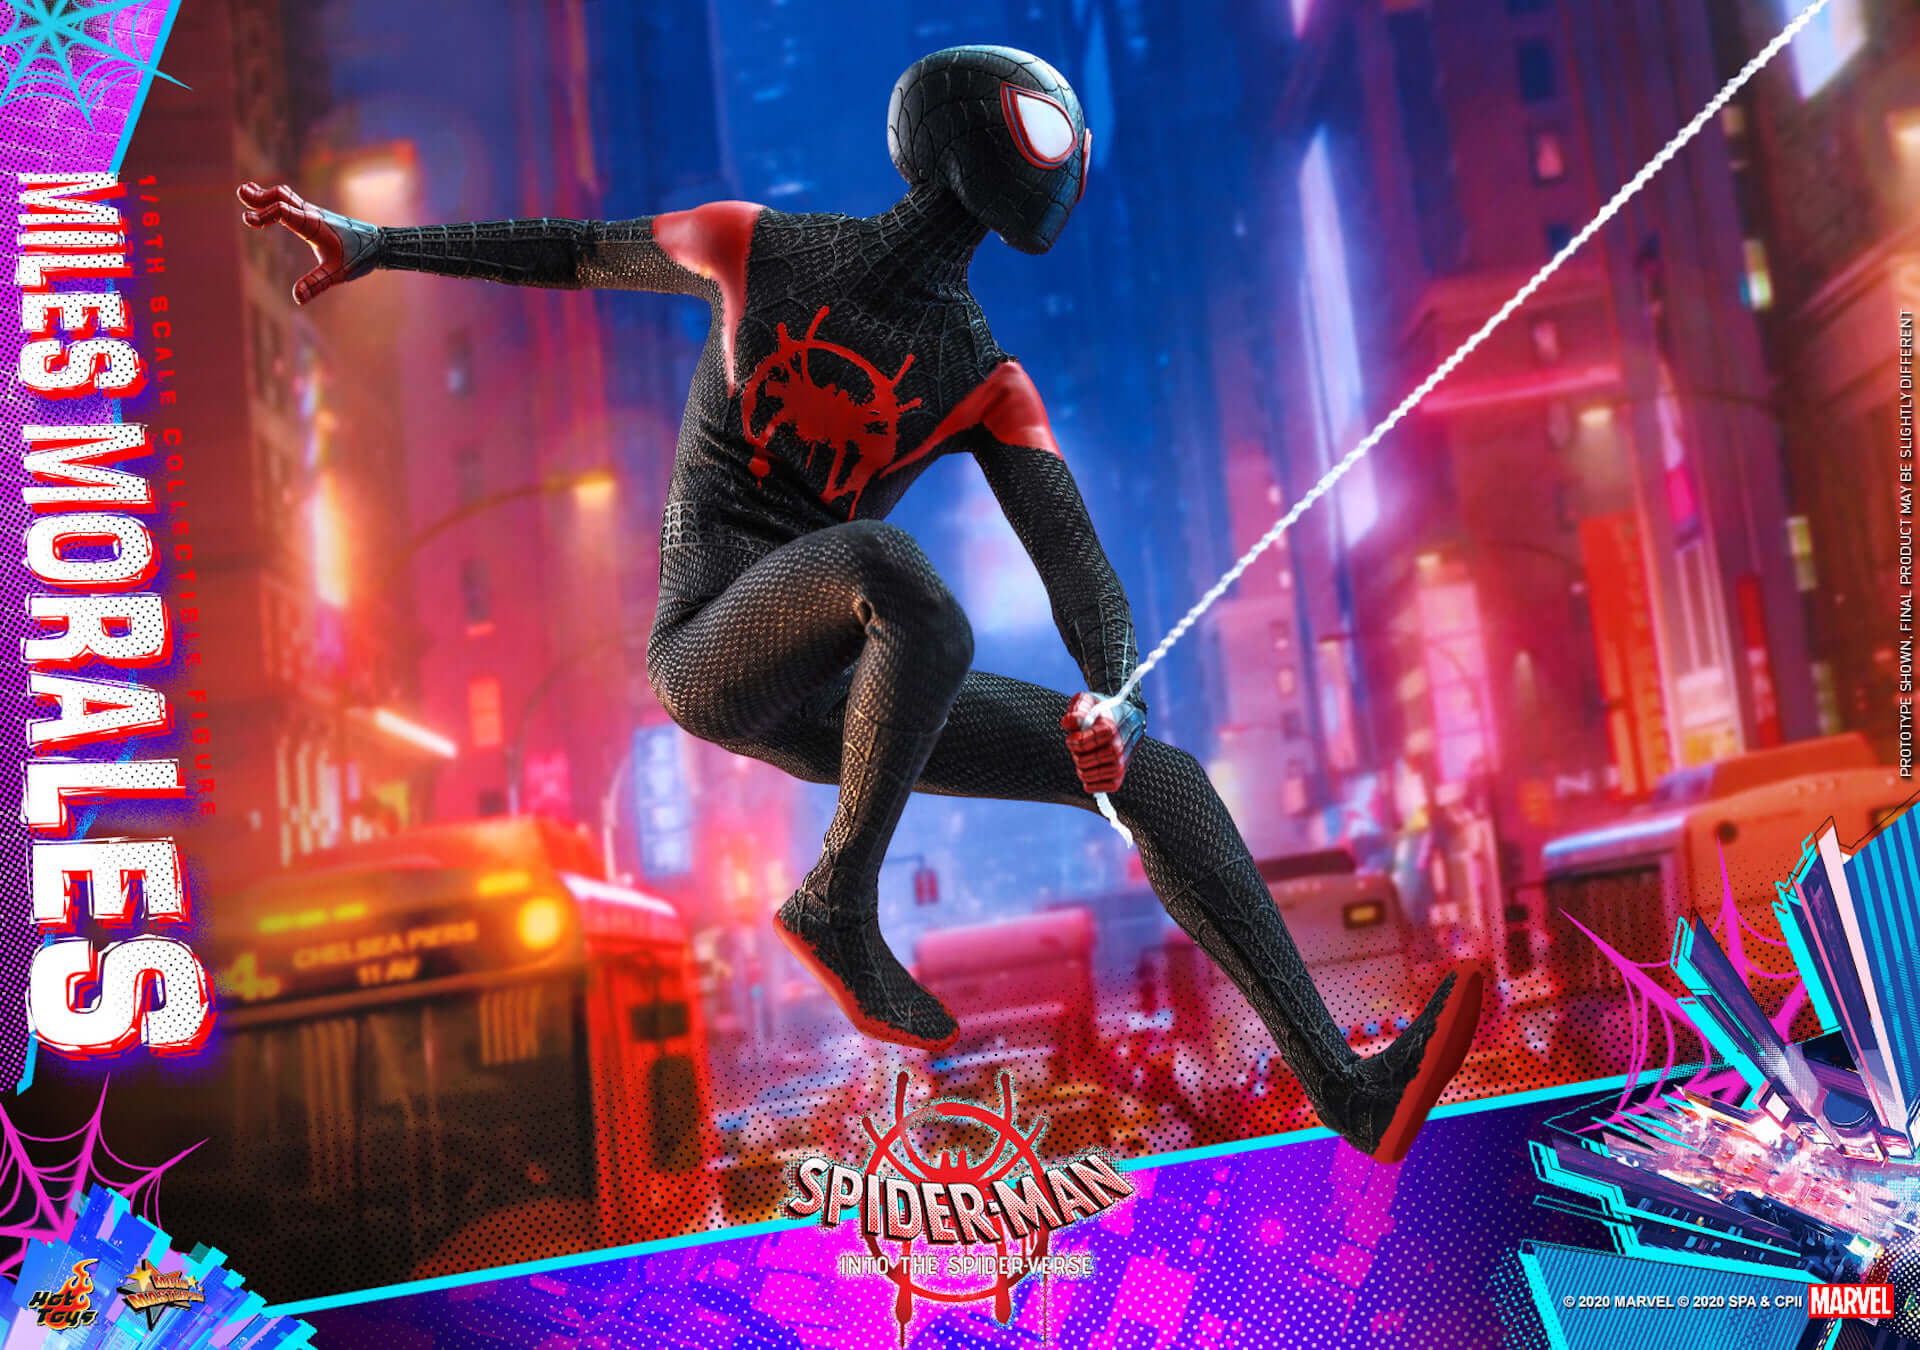 ついに『スパイダーマン:スパイダーバース』のマイルス・スパイダーマンがフィギュアに!ホットトイズ「ムービー・マスターピース」シリーズ新登場 film200310_spiderman_7-1920x1350